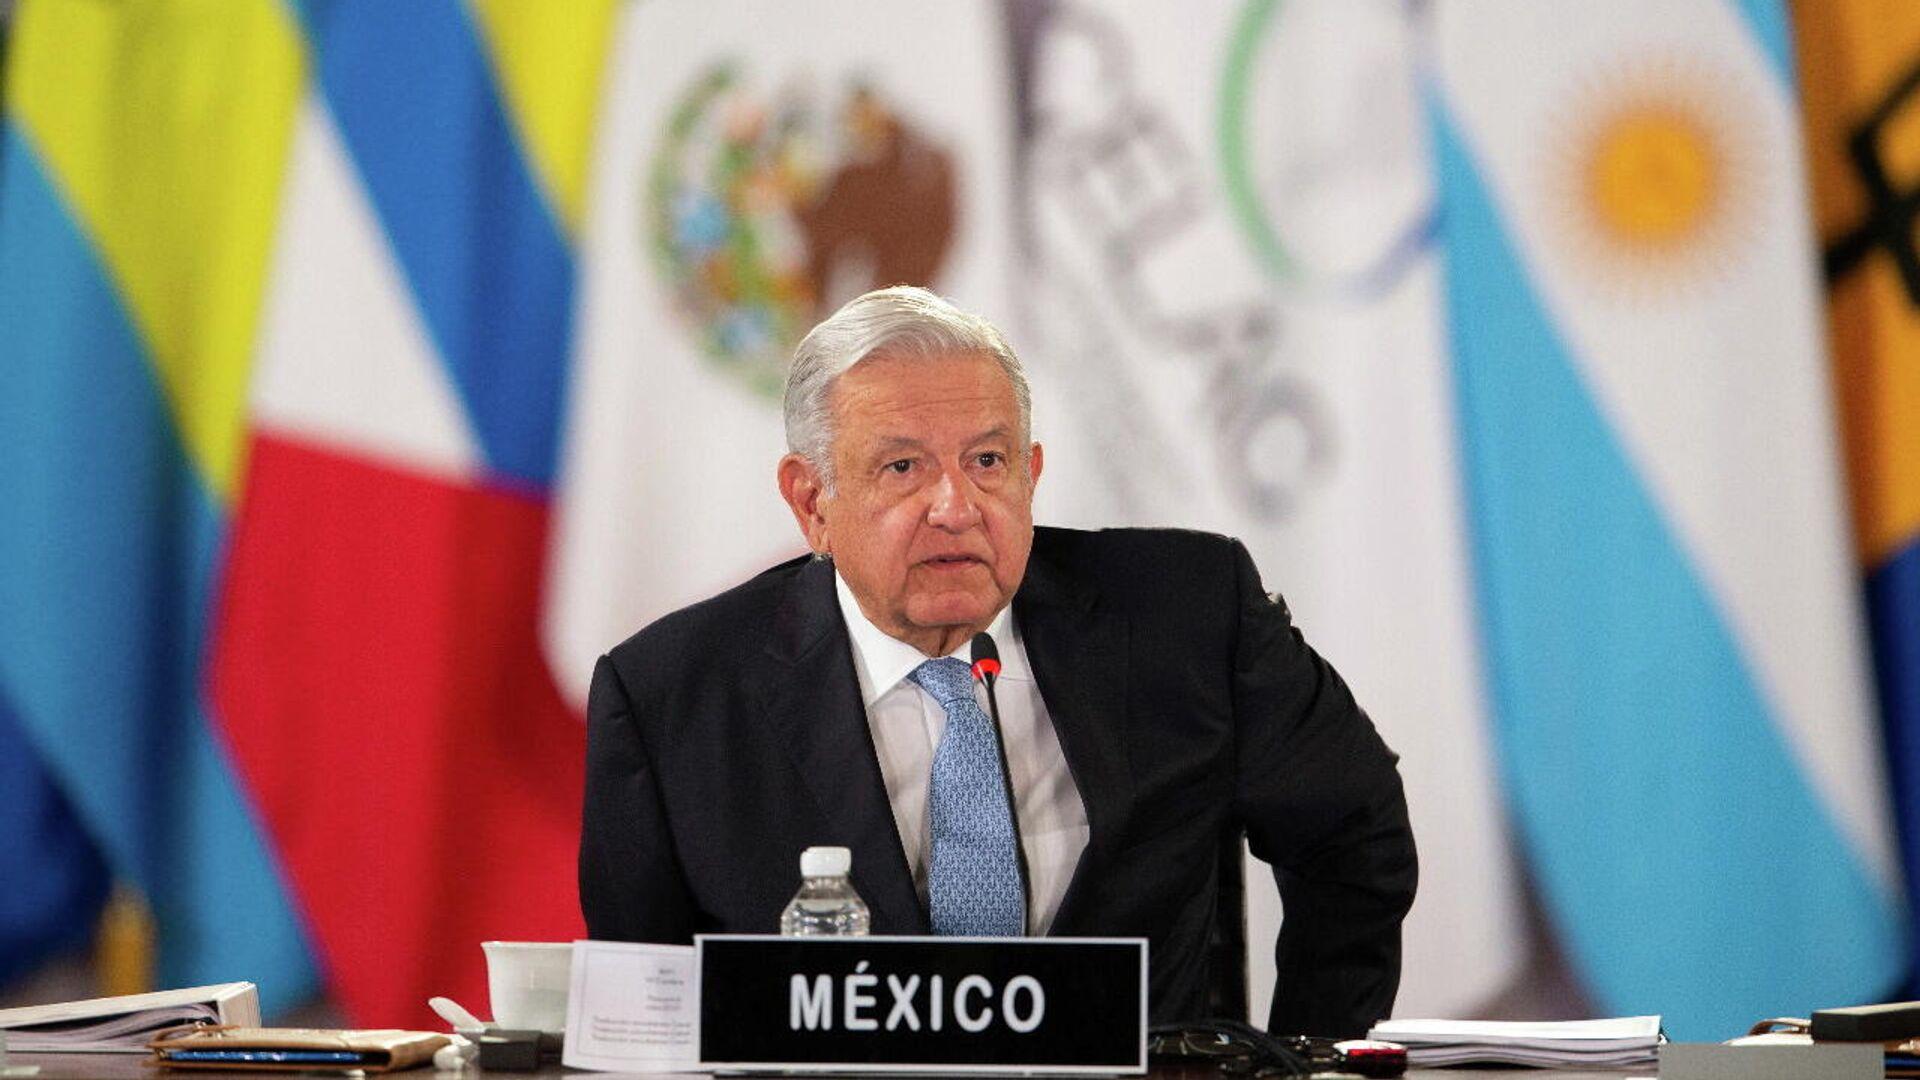 Andrés Manuel López Obrador, presidente de México - Sputnik Mundo, 1920, 20.09.2021